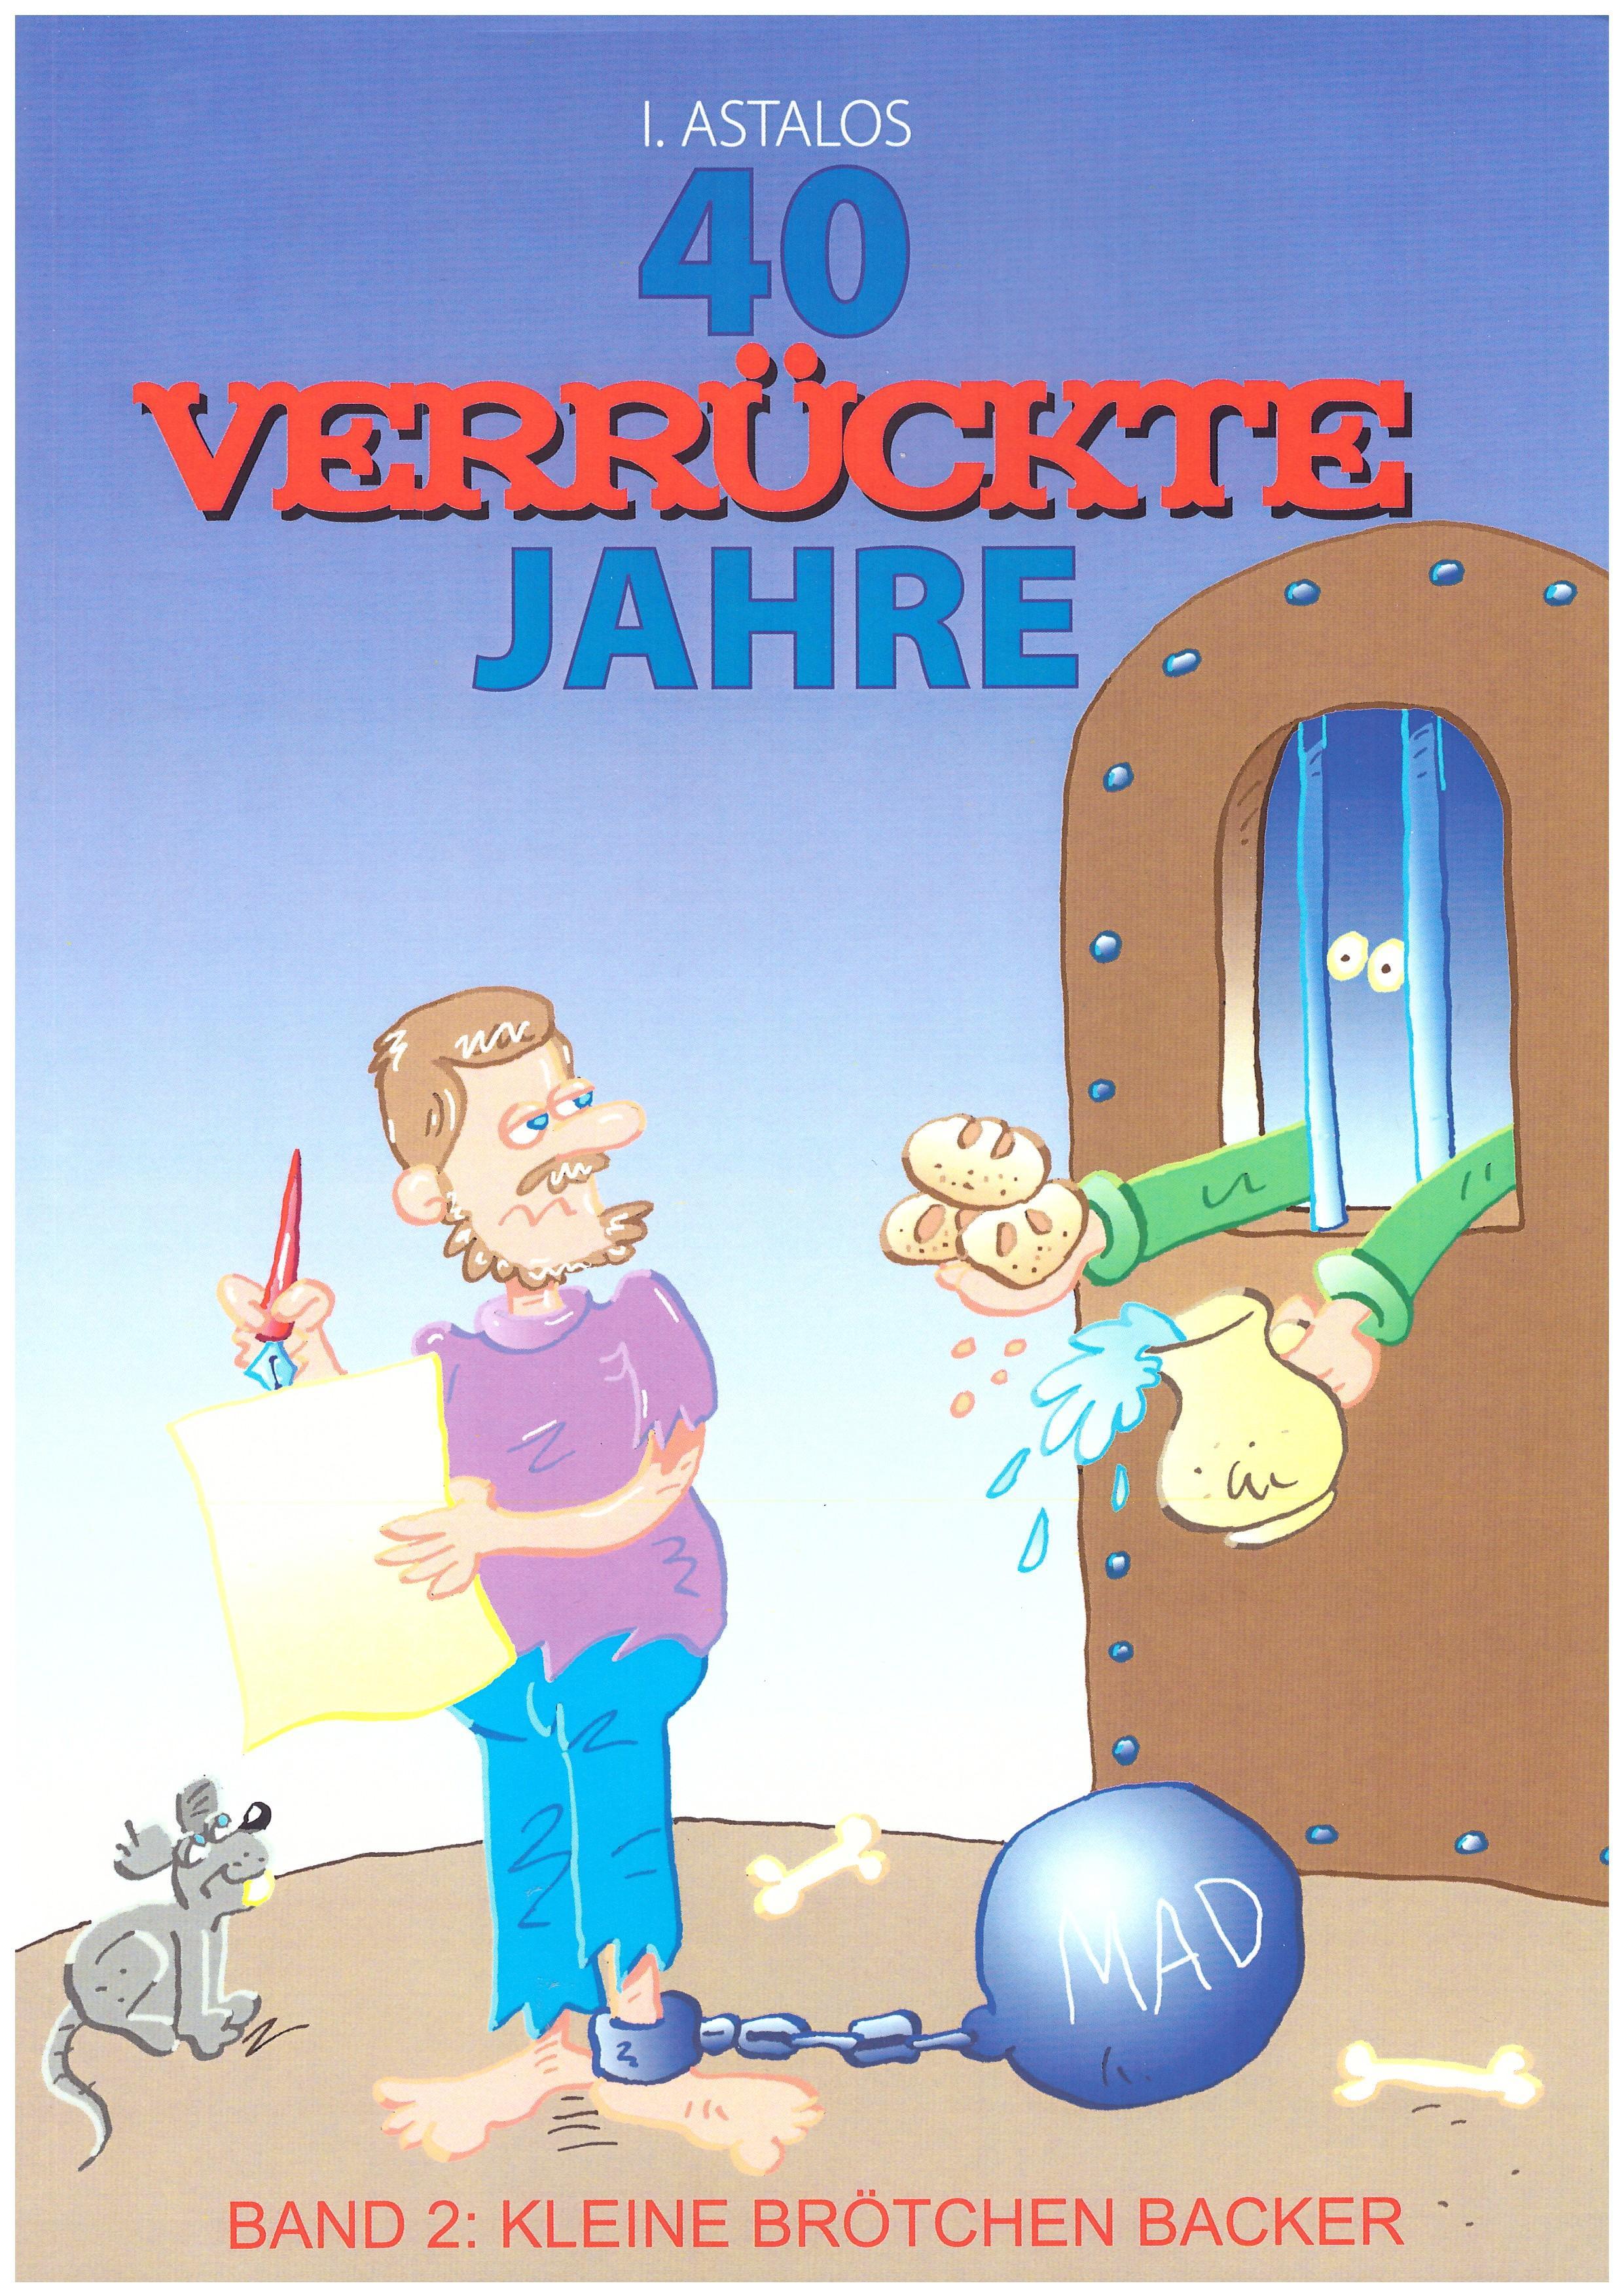 40 Verrückte Jahre - Band 2: Kleine Brötchen Backer #2 • Germany • 2nd Edition - Dino/Panini